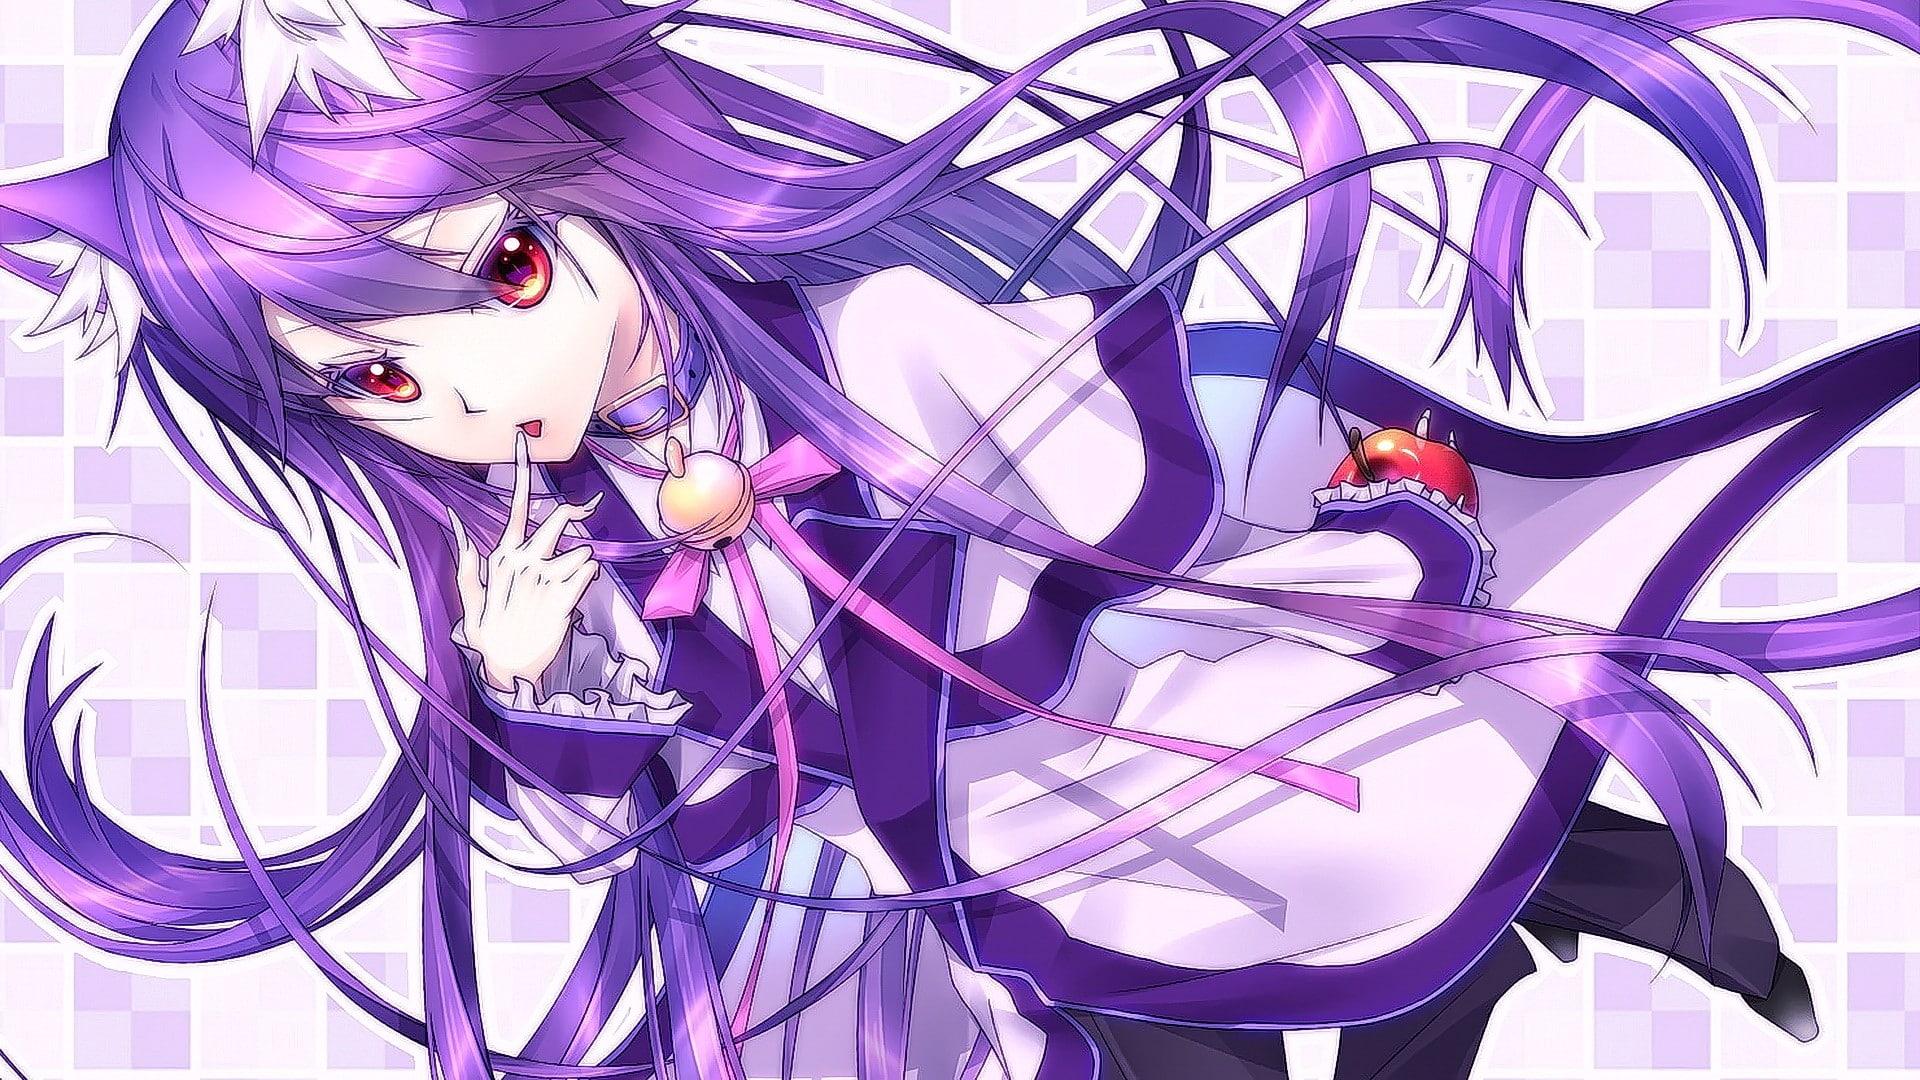 Anime girls violet hair wallpaper